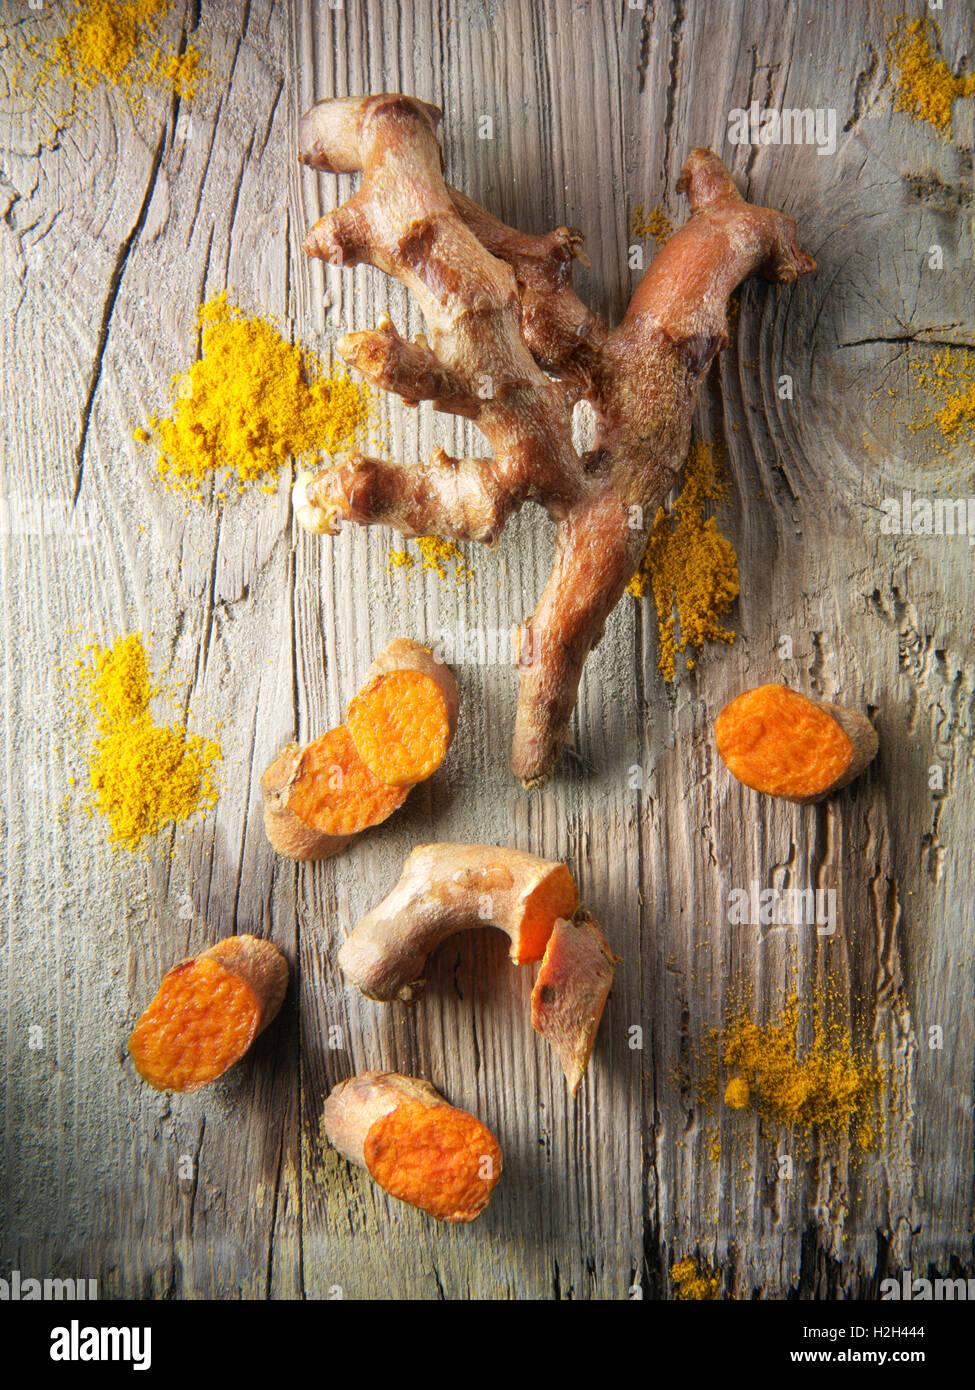 Fresh whole and cut turmeric or tumeric root (Curcuma longa) - Stock Image